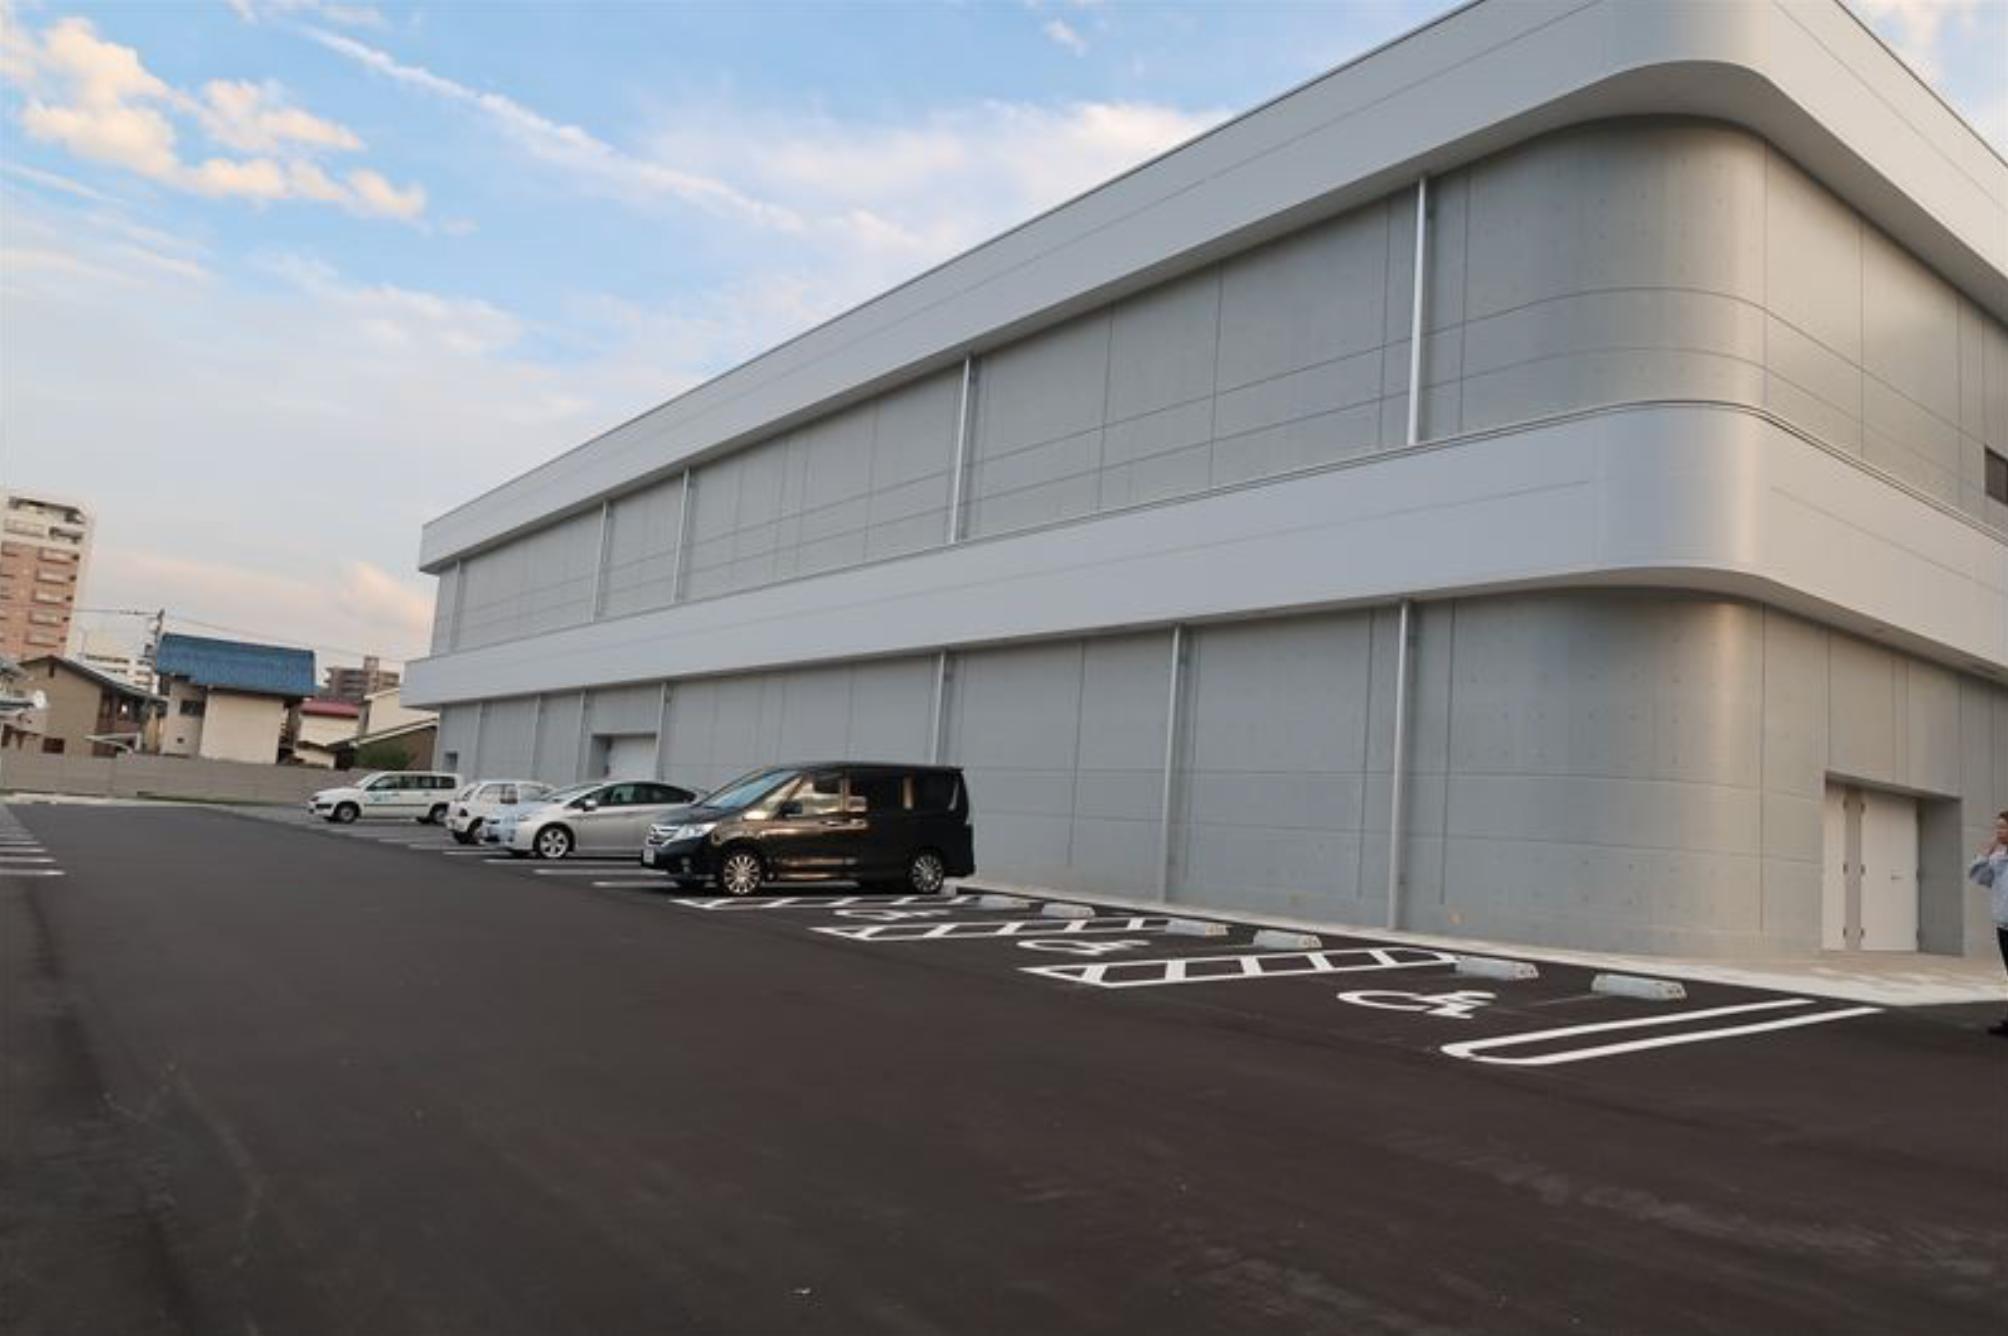 一般車駐車場130台